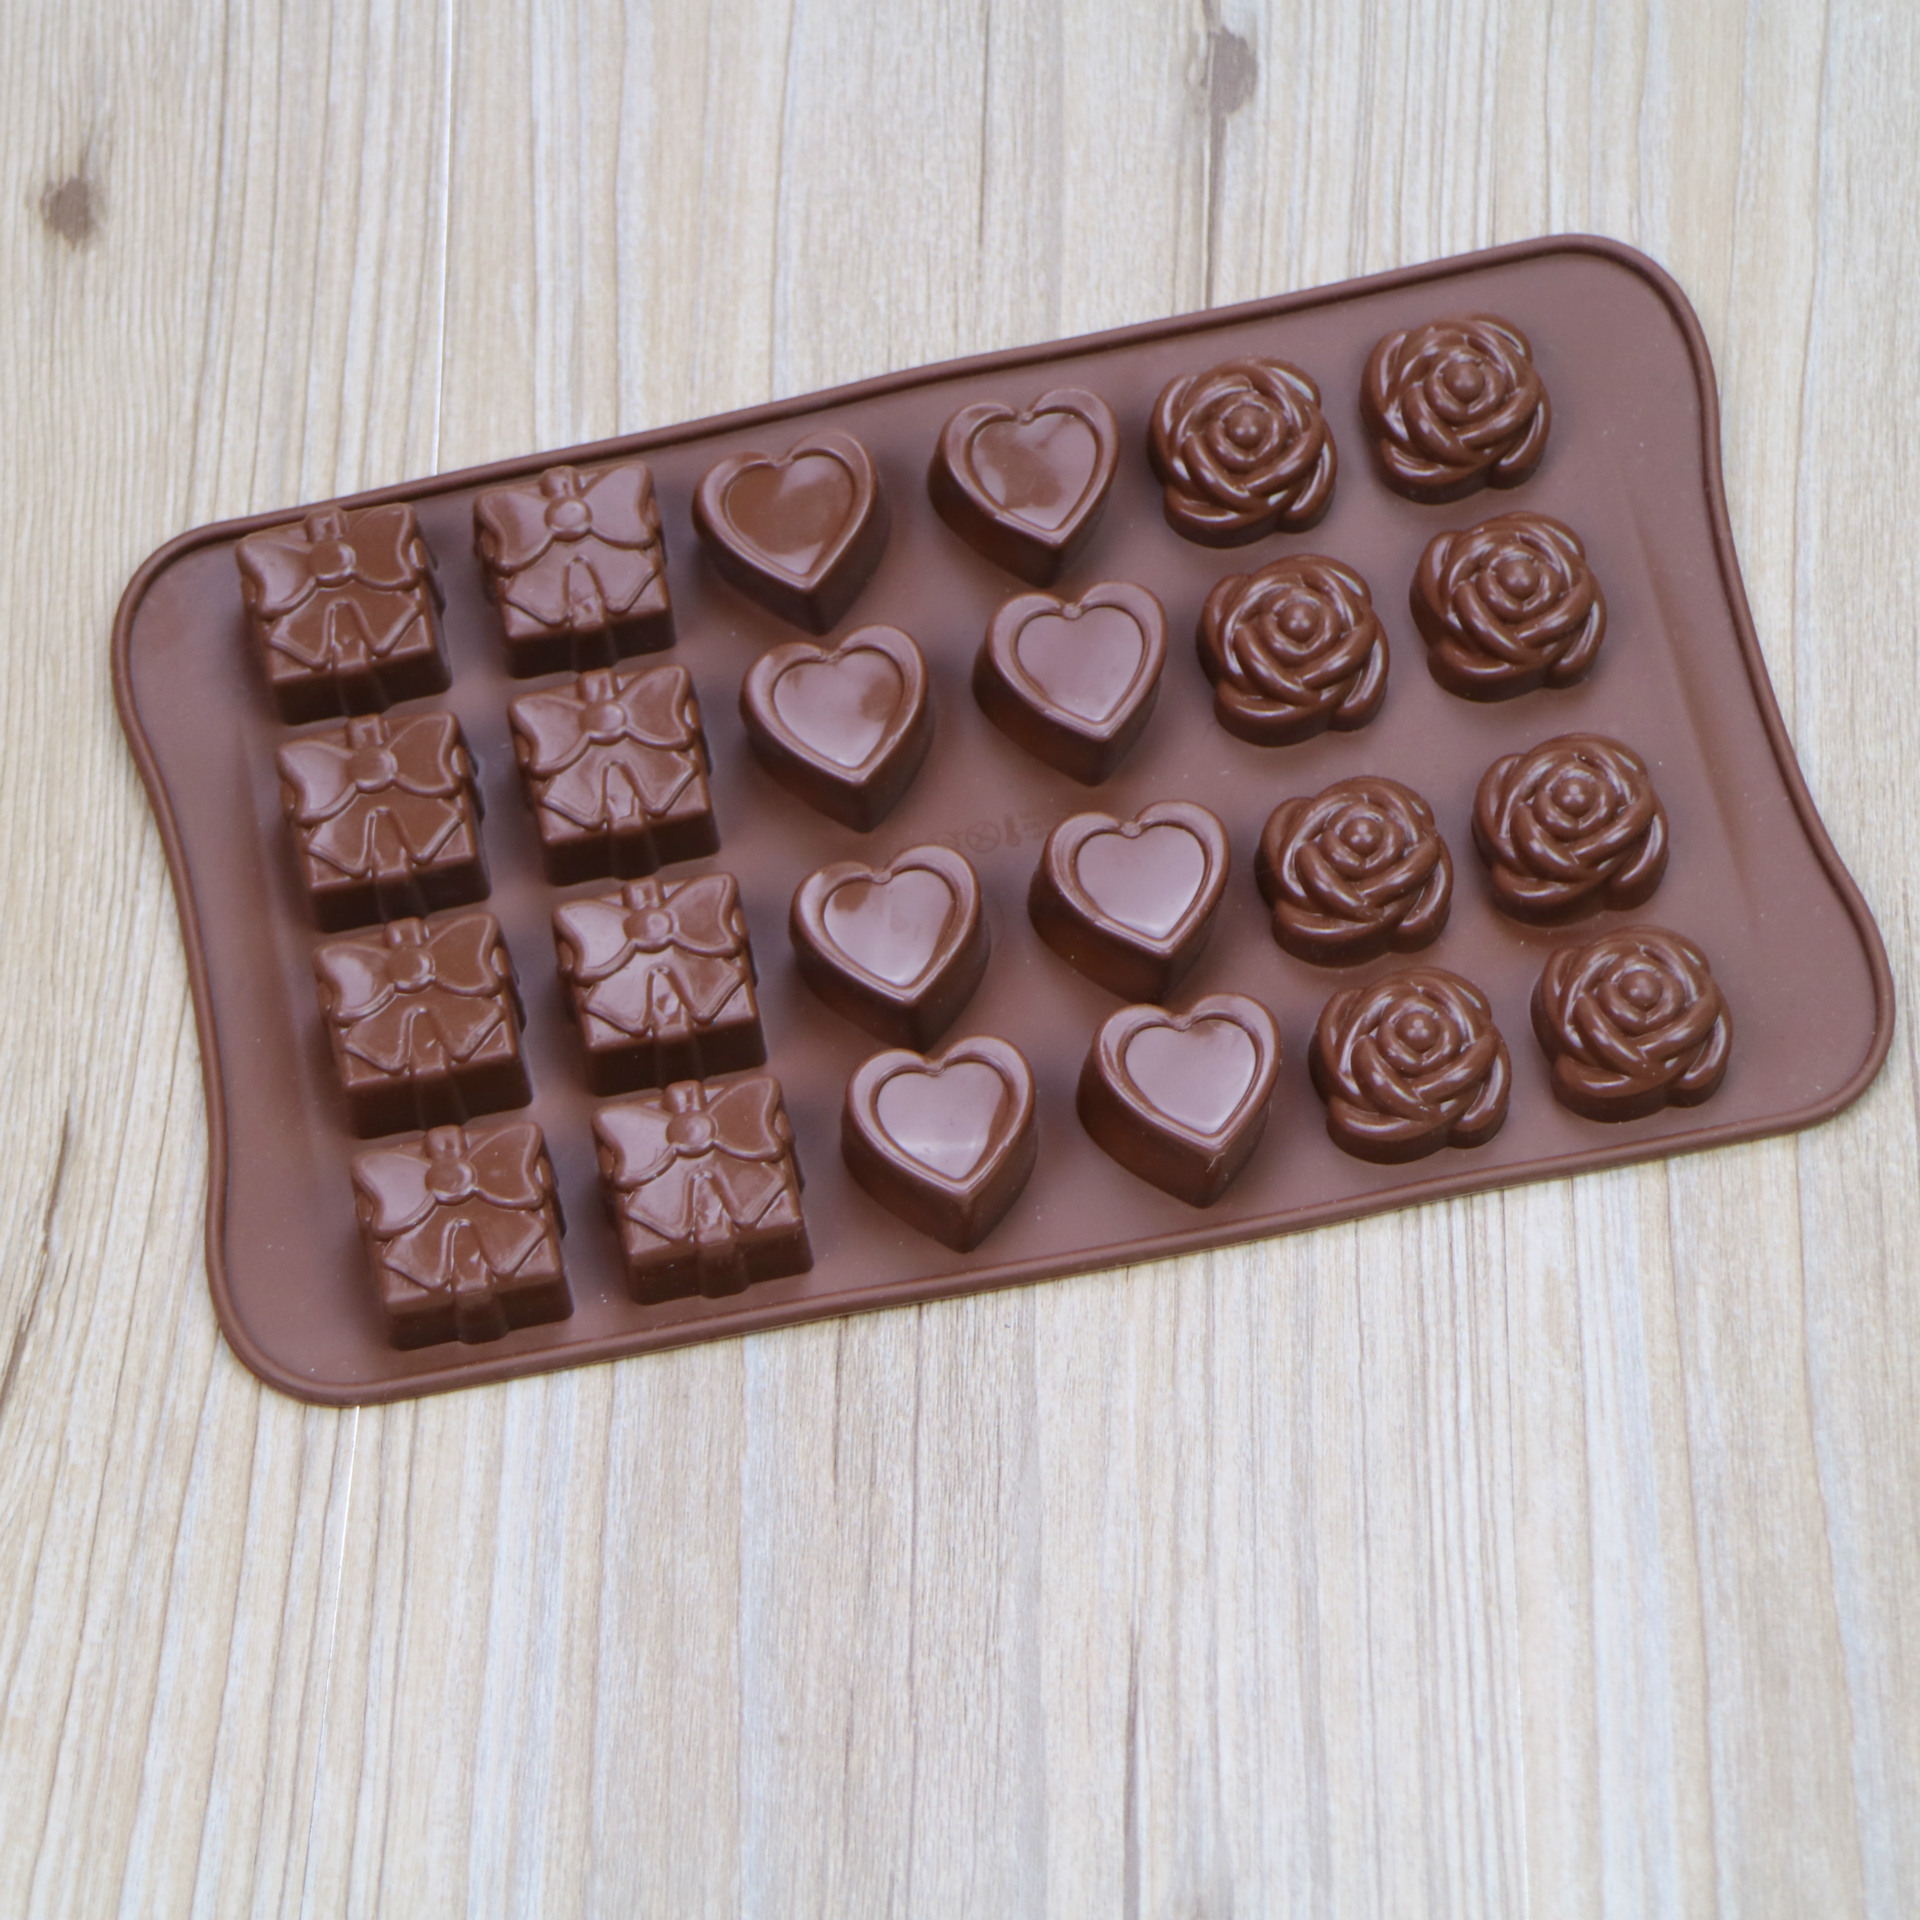 Compra forma de barra de caramelo online al por mayor de China ...